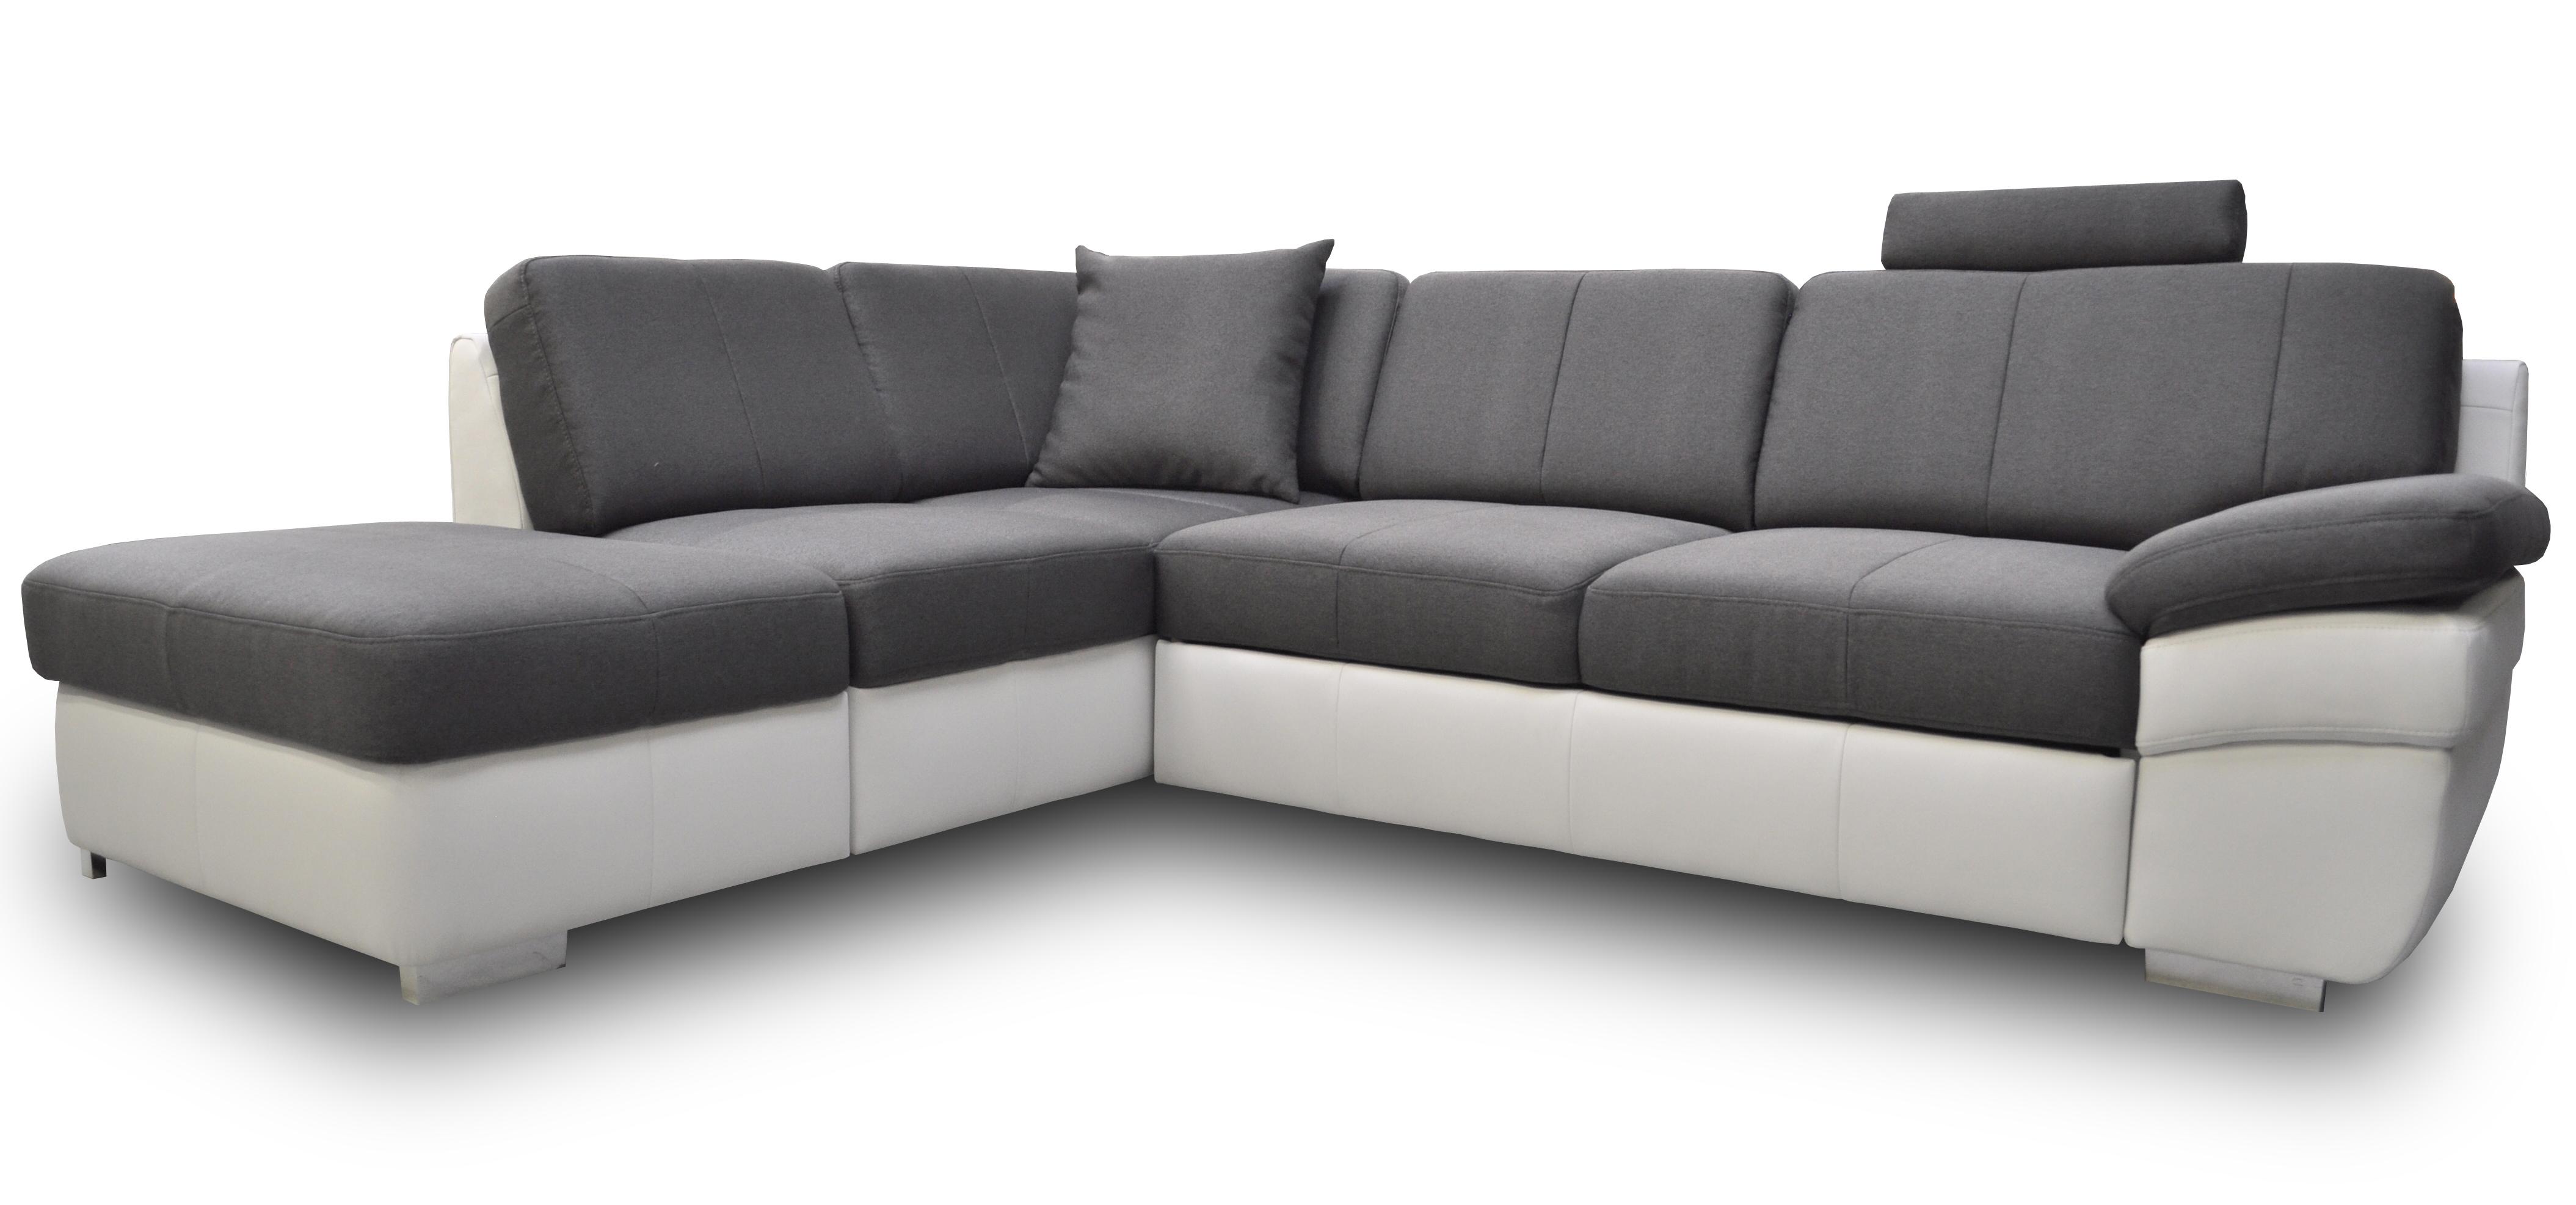 Rohová sedací souprava - BRW - Mon 1 (šedá + bílá) (P)